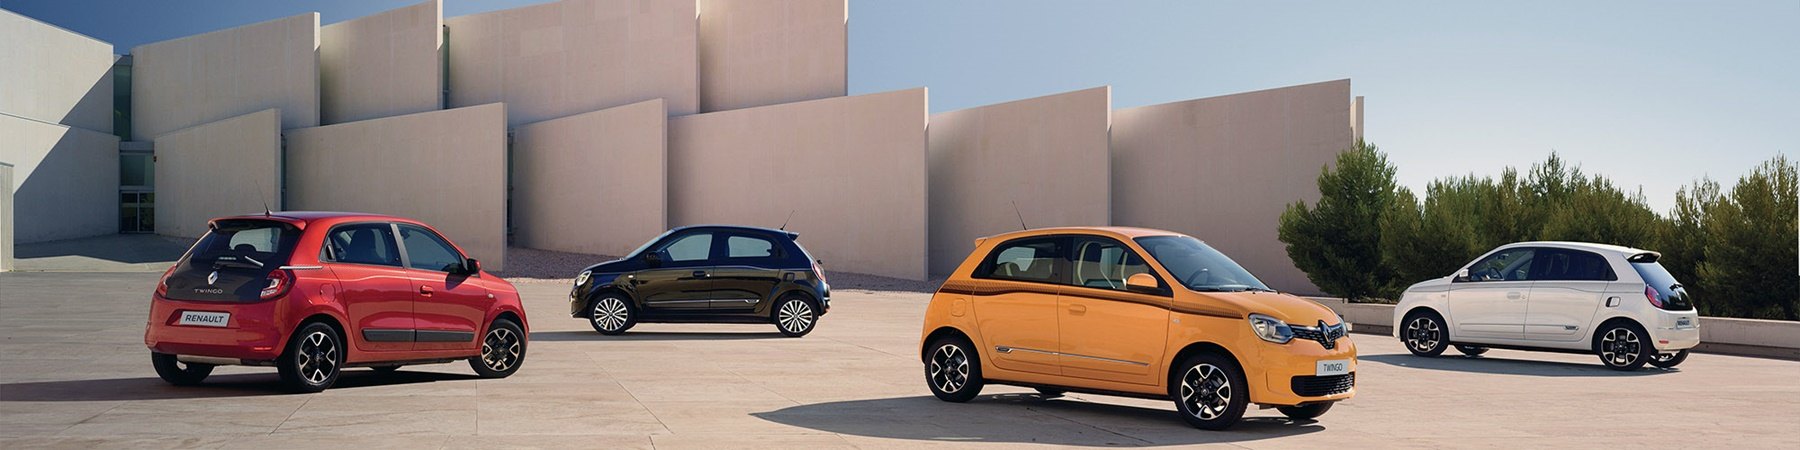 Renault Twingo 22kWh 0 km actieradius